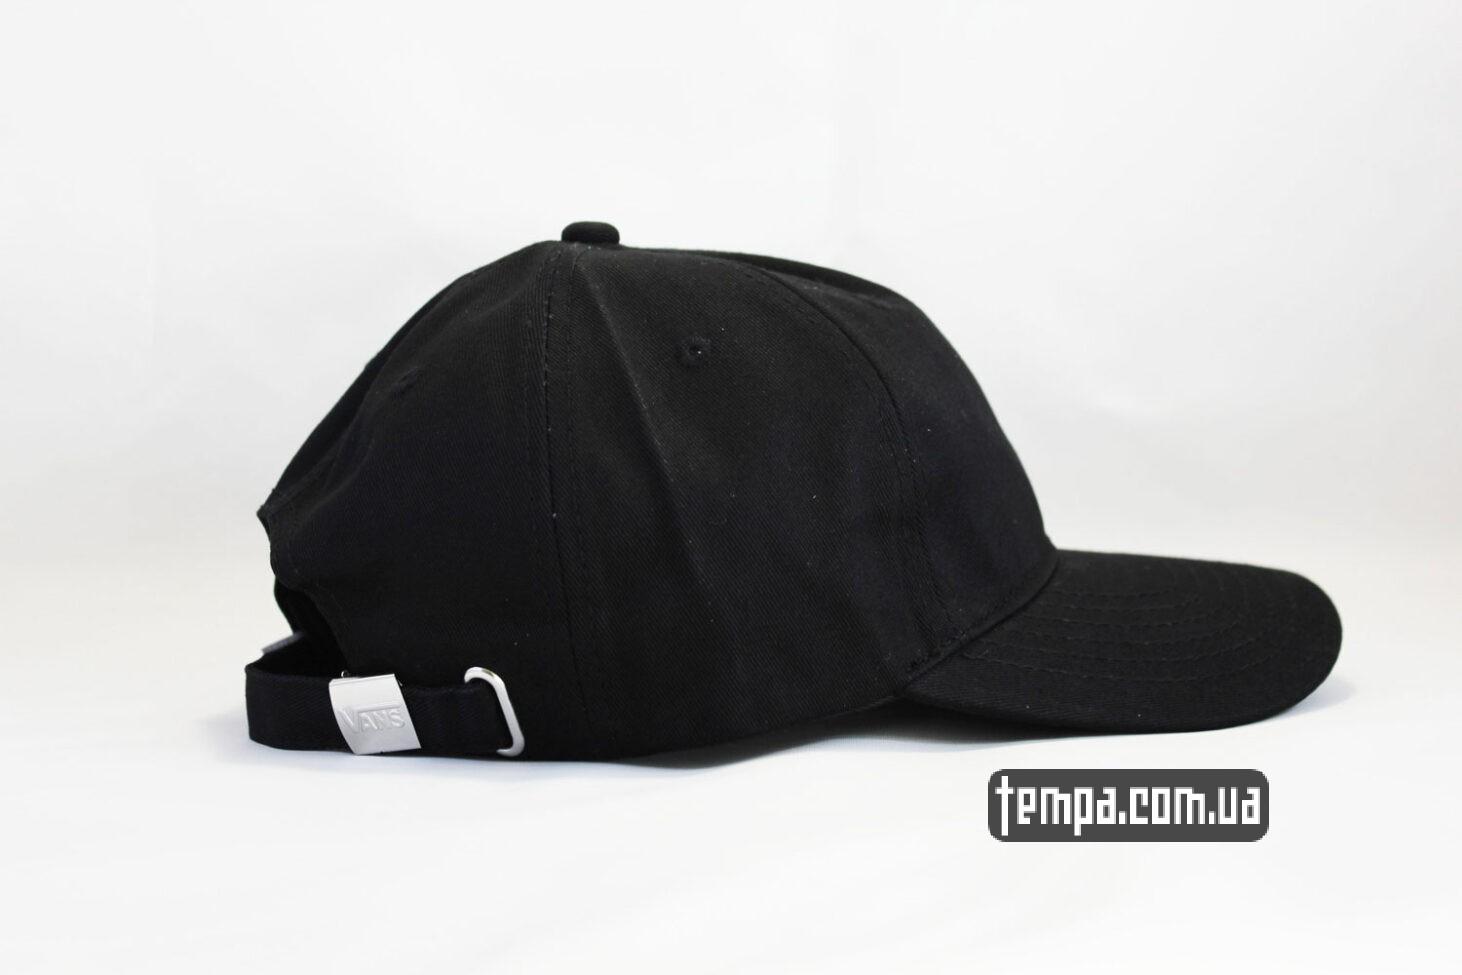 снепбек купить кепка VANS black логотип сбоку черная бейсболка